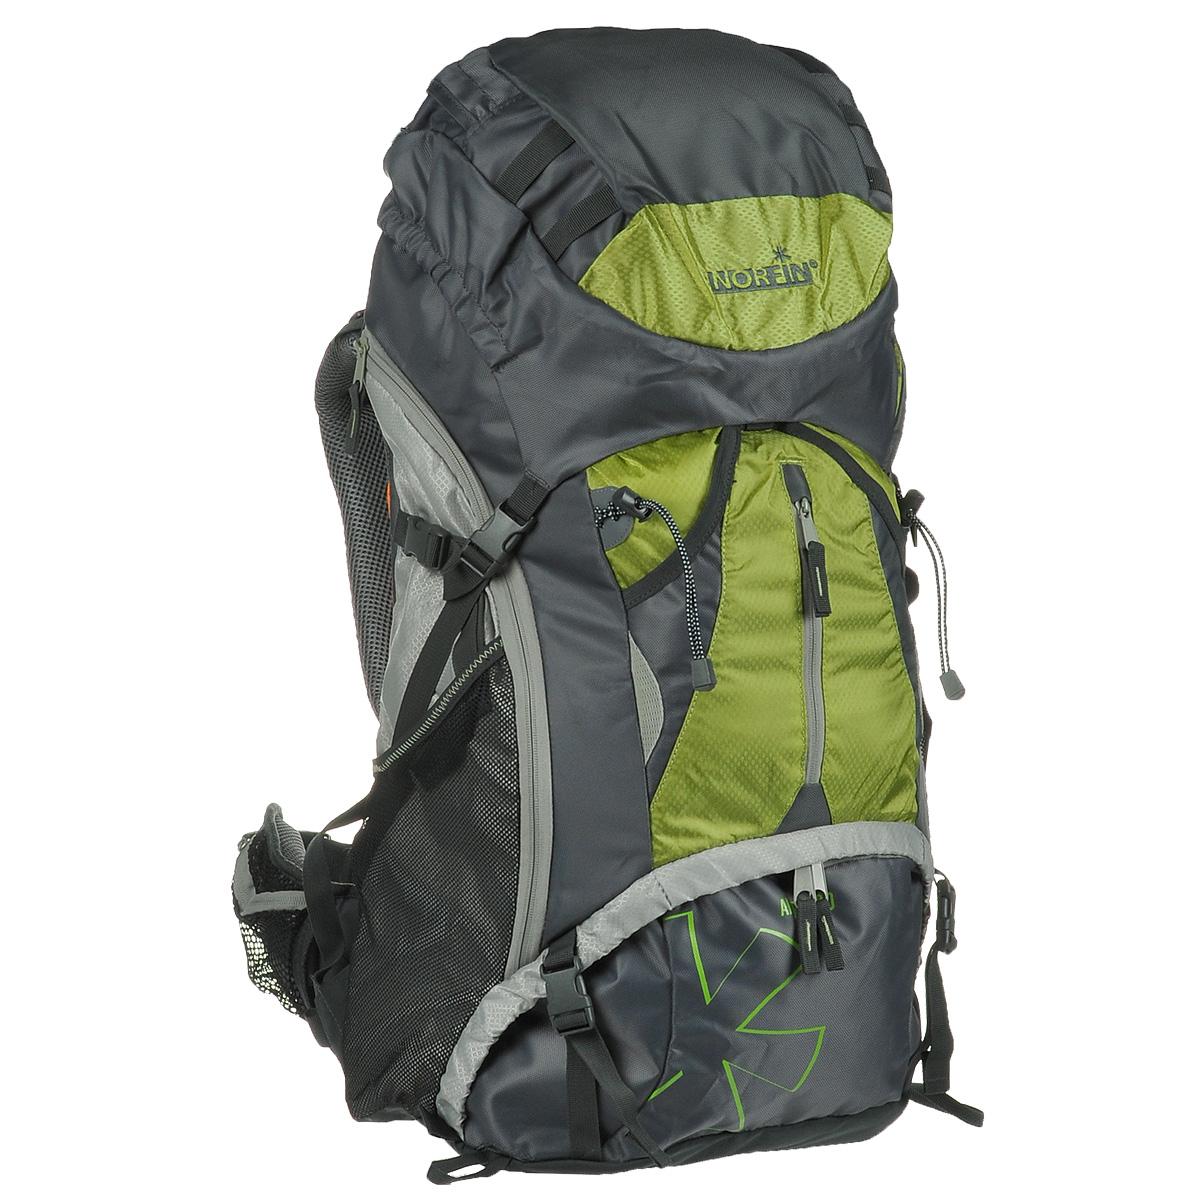 Рюкзак туристический Norfin Alpika, цвет: серый, неоновый желтый, 60 лNF-40205Трекинговый рюкзак Norfin Alpika с системой регулировки позволяет подогнать рюкзак под особенности фигуры. Рюкзак эффективно разгружает плечи, перемещая вес груза на бедра. Увеличенные по ширине лямки и точно настраиваемый под строение тела облегченный 3D пояс.Особенности рюкзака:Съемный пояс с сетчатыми карманамиРегулируемая подвесная система V-1Грудная стяжкаАлюминиевые латыВыход под питьевую системуОсновное отделение с разделителем на молнии позволит удобно распределить содержимое рюкзакаВерхний, боковой и нижний входы в основное отделениеДва фронтальных карманаБоковые карманы из сетки.